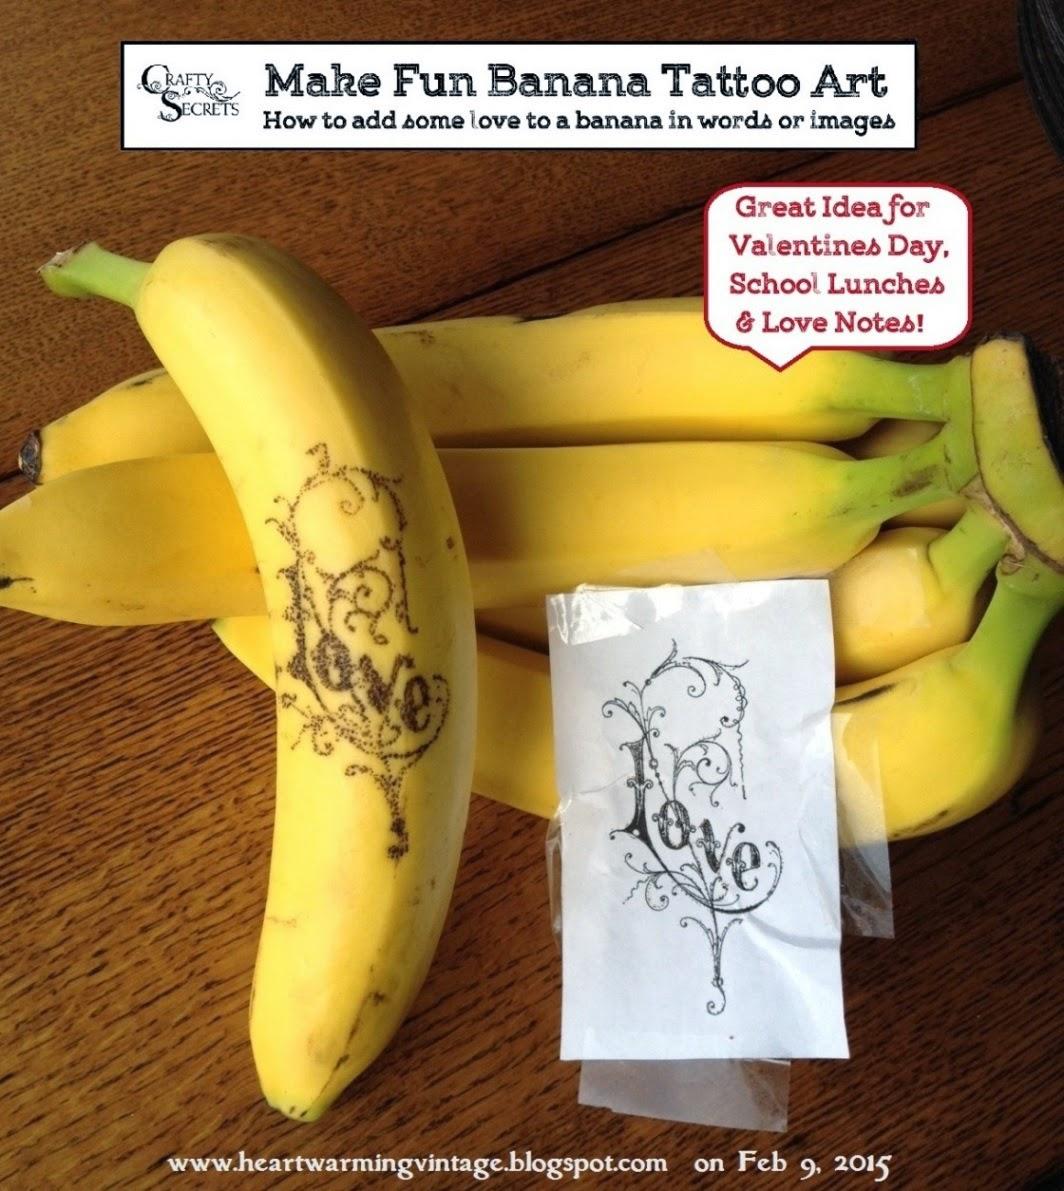 http://3.bp.blogspot.com/-wmUMojqk0ic/VNirriSujMI/AAAAAAAASwM/CnQAN2y70Lo/s1600/1-banana-love.jpg